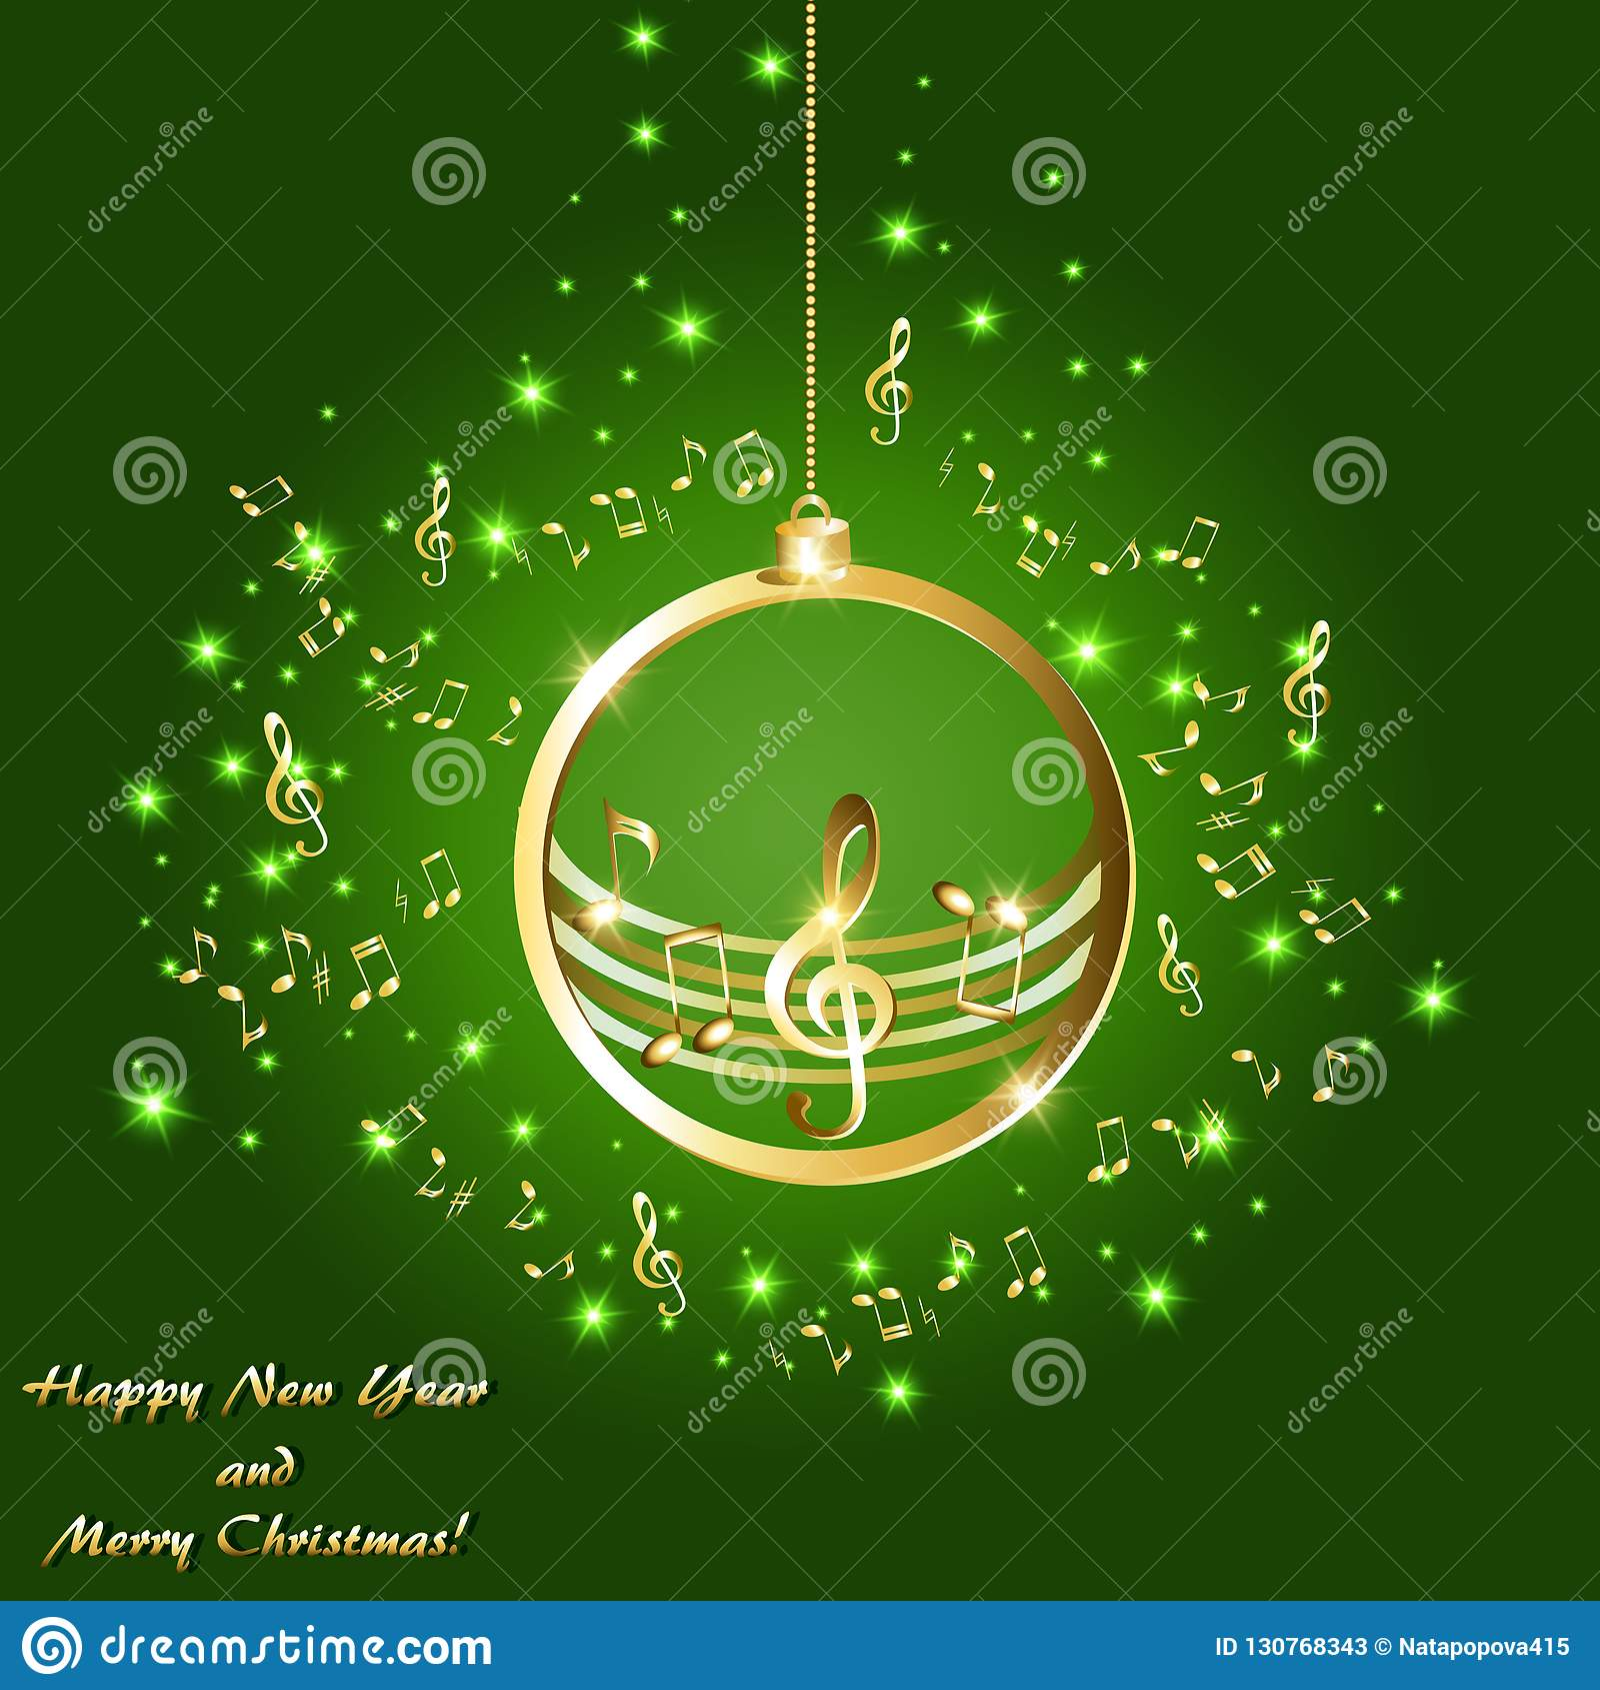 Cartão de Natal com notas musicais douradas em um fundo verde